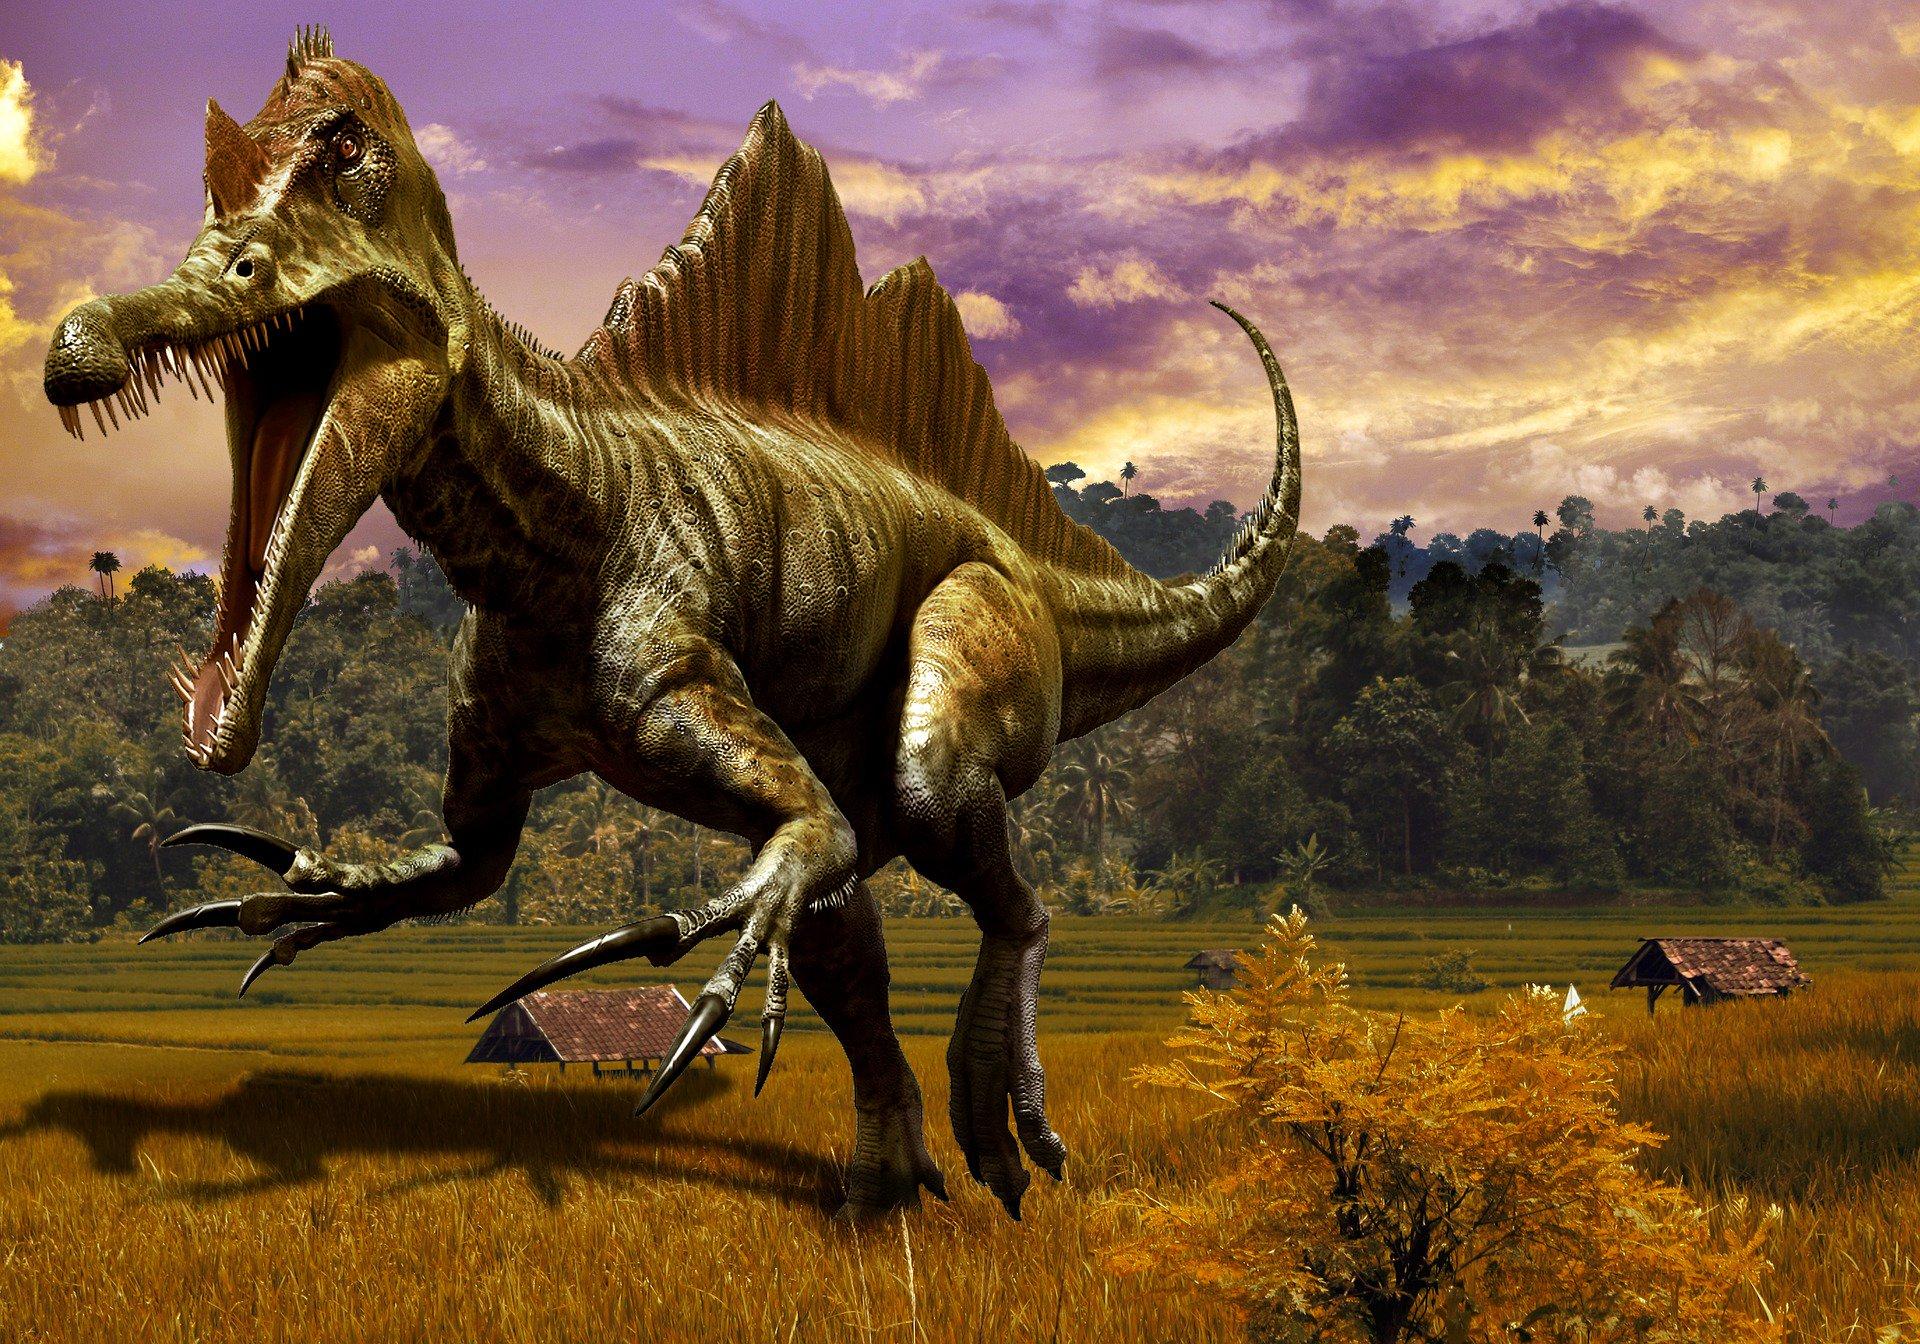 посмотреть все картинки динозавров